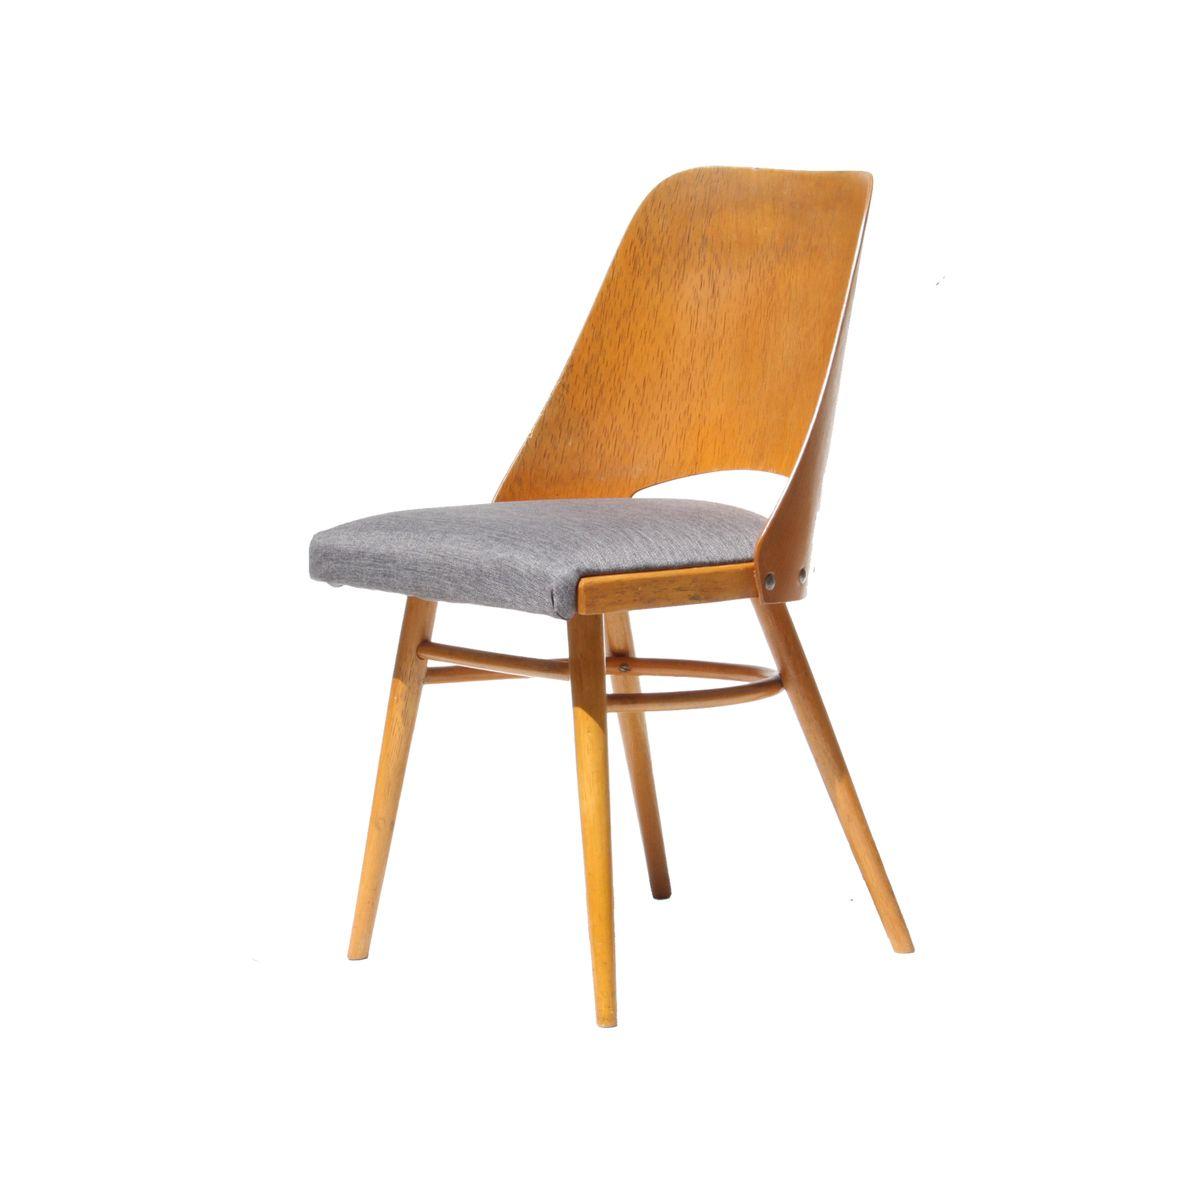 tschechische graue mid century esszimmerst hle 1960er. Black Bedroom Furniture Sets. Home Design Ideas